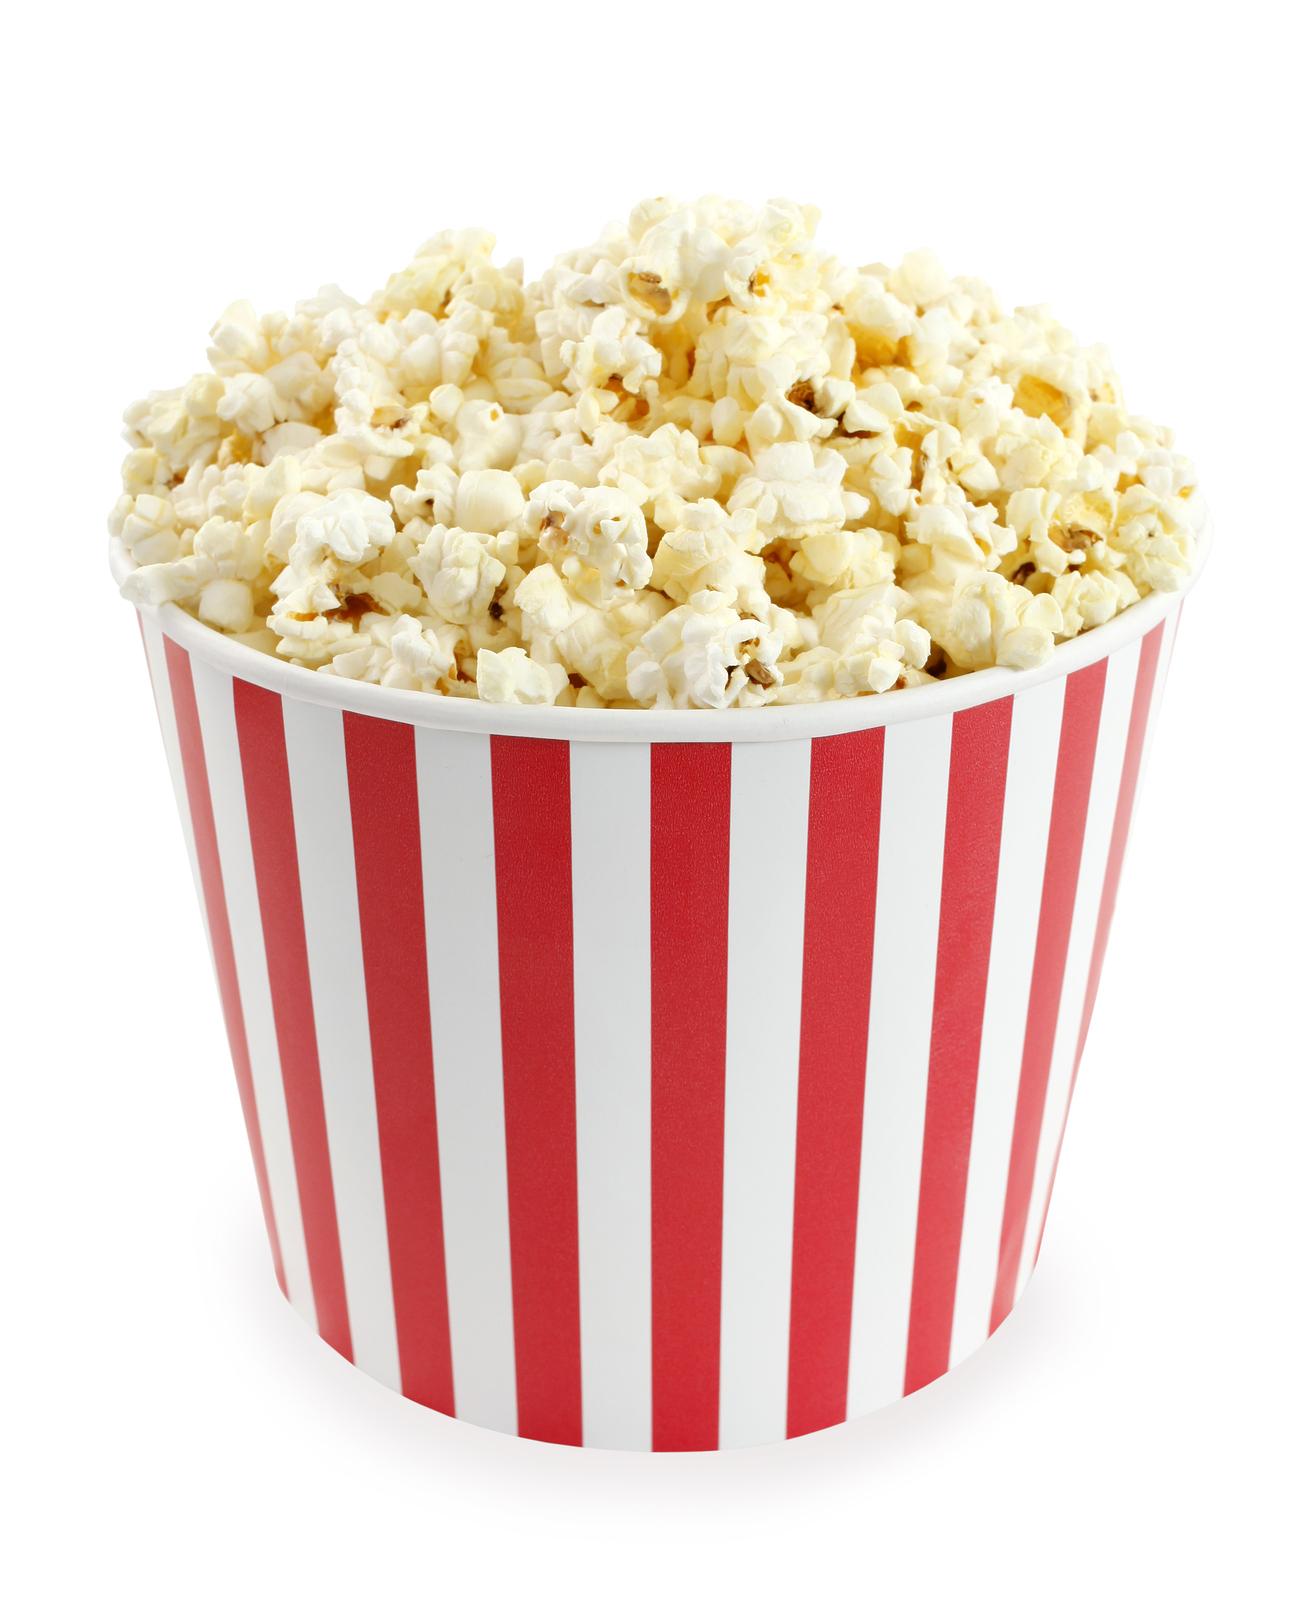 [Nürnberg] Über 100KG Gratis Frisches Popcorn beim Myfone Vodafone Store am 12.8.